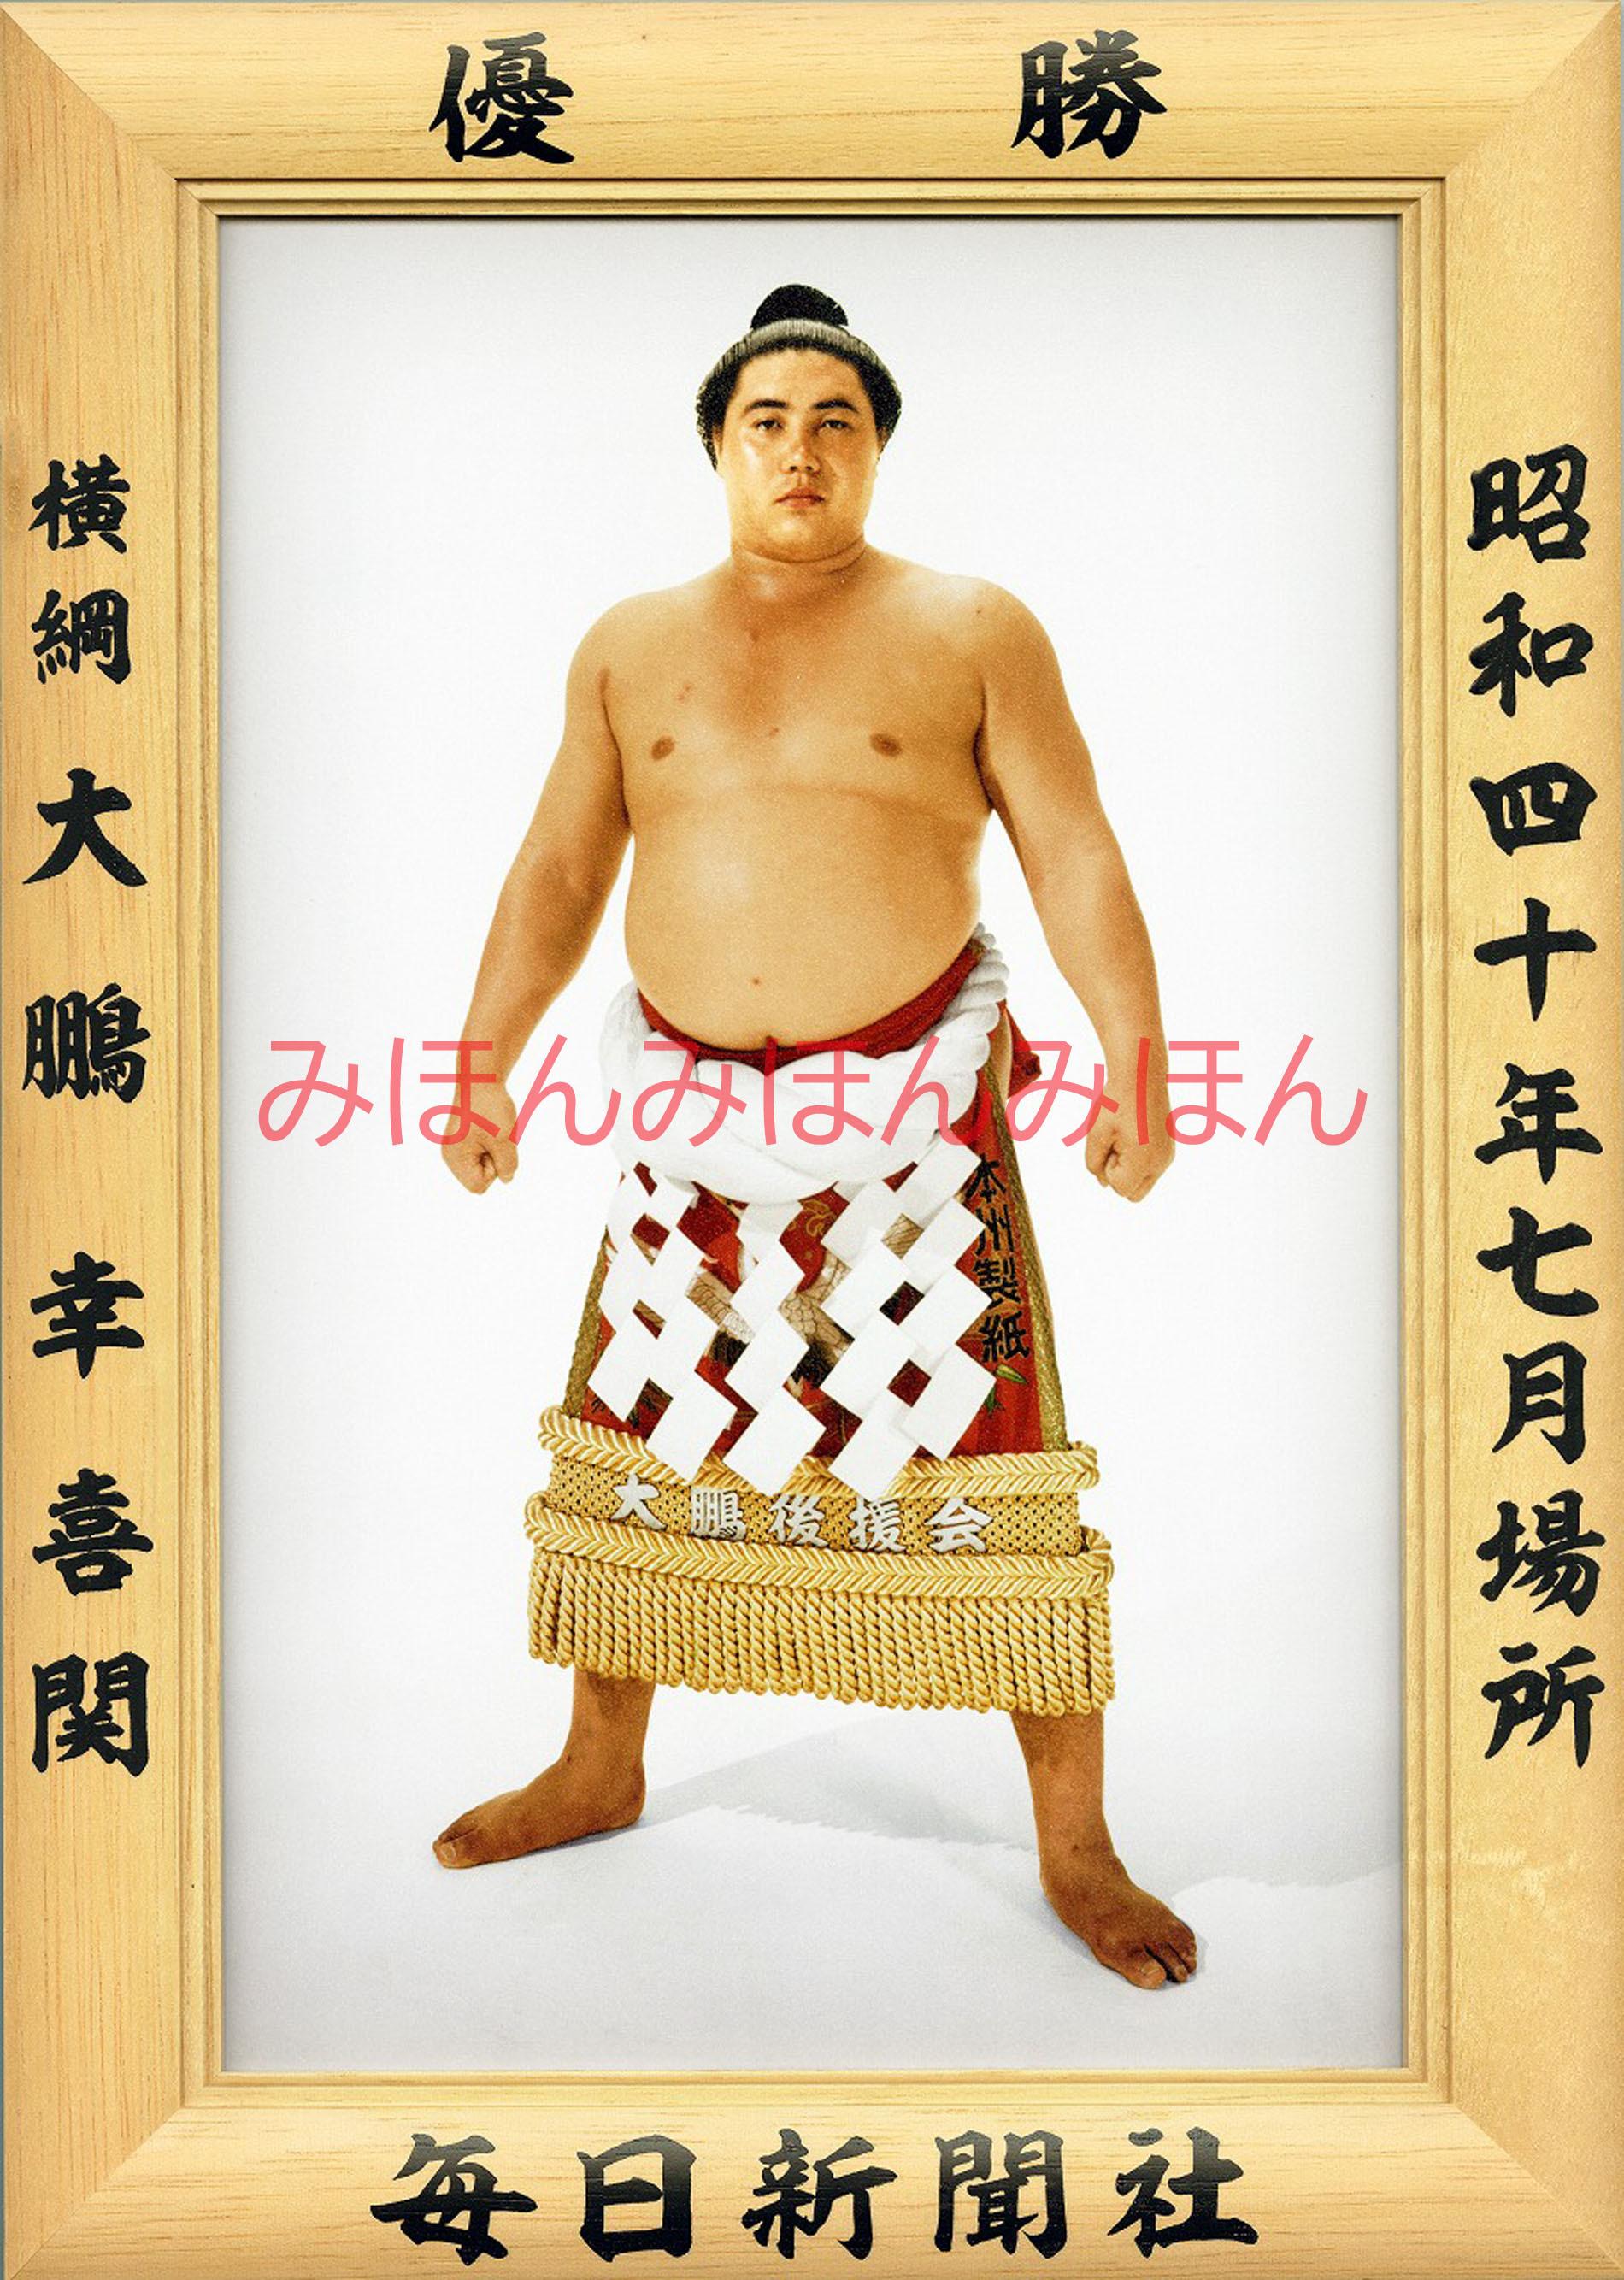 昭和40年7月場所優勝 横綱 大鵬幸喜関(17回目の優勝)